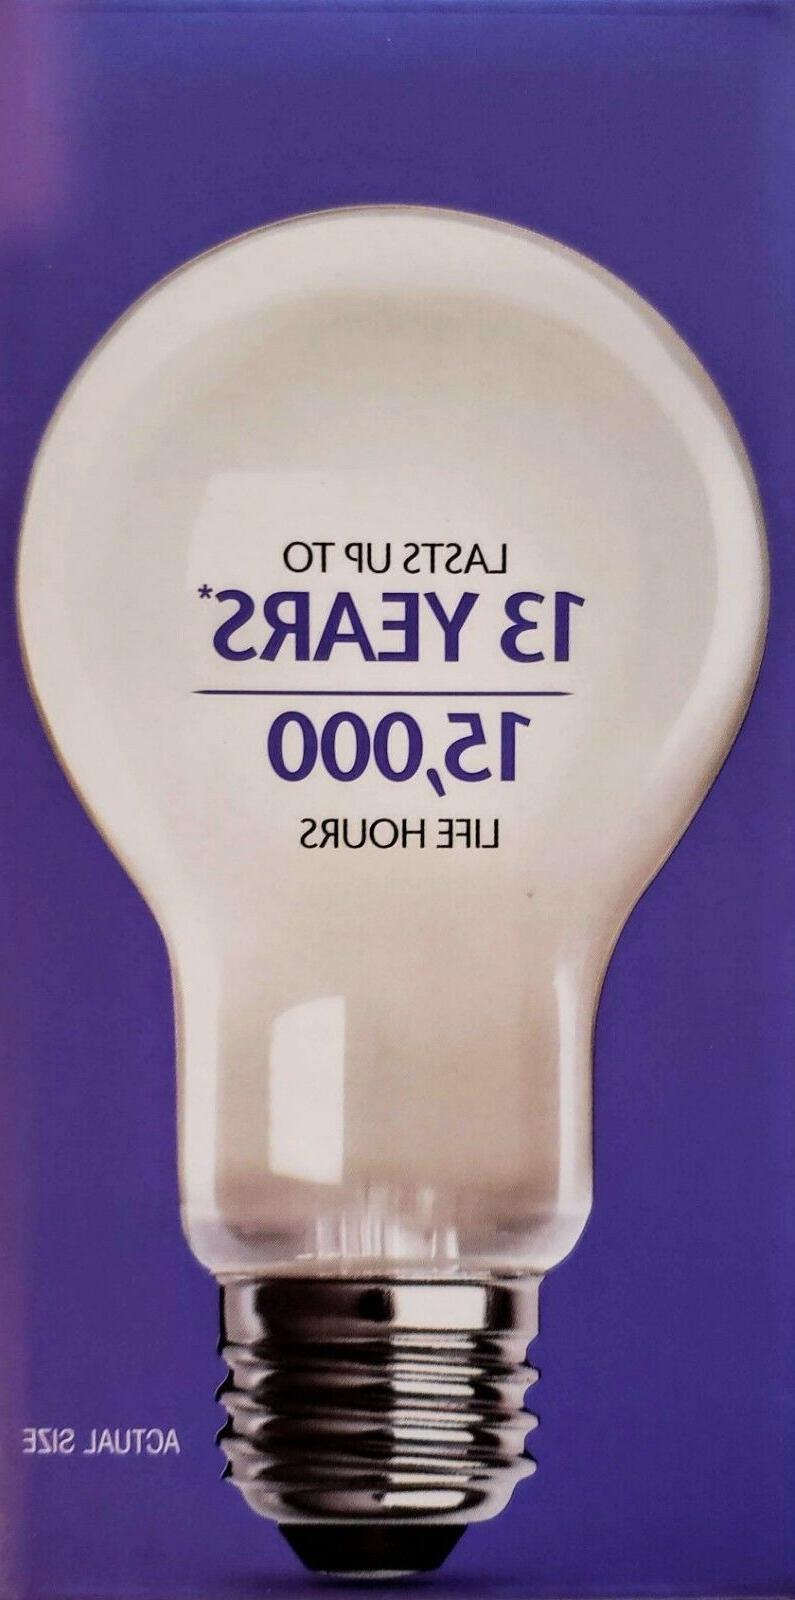 Watt Replacement Soft White - 2 x -12 Bulbs- New